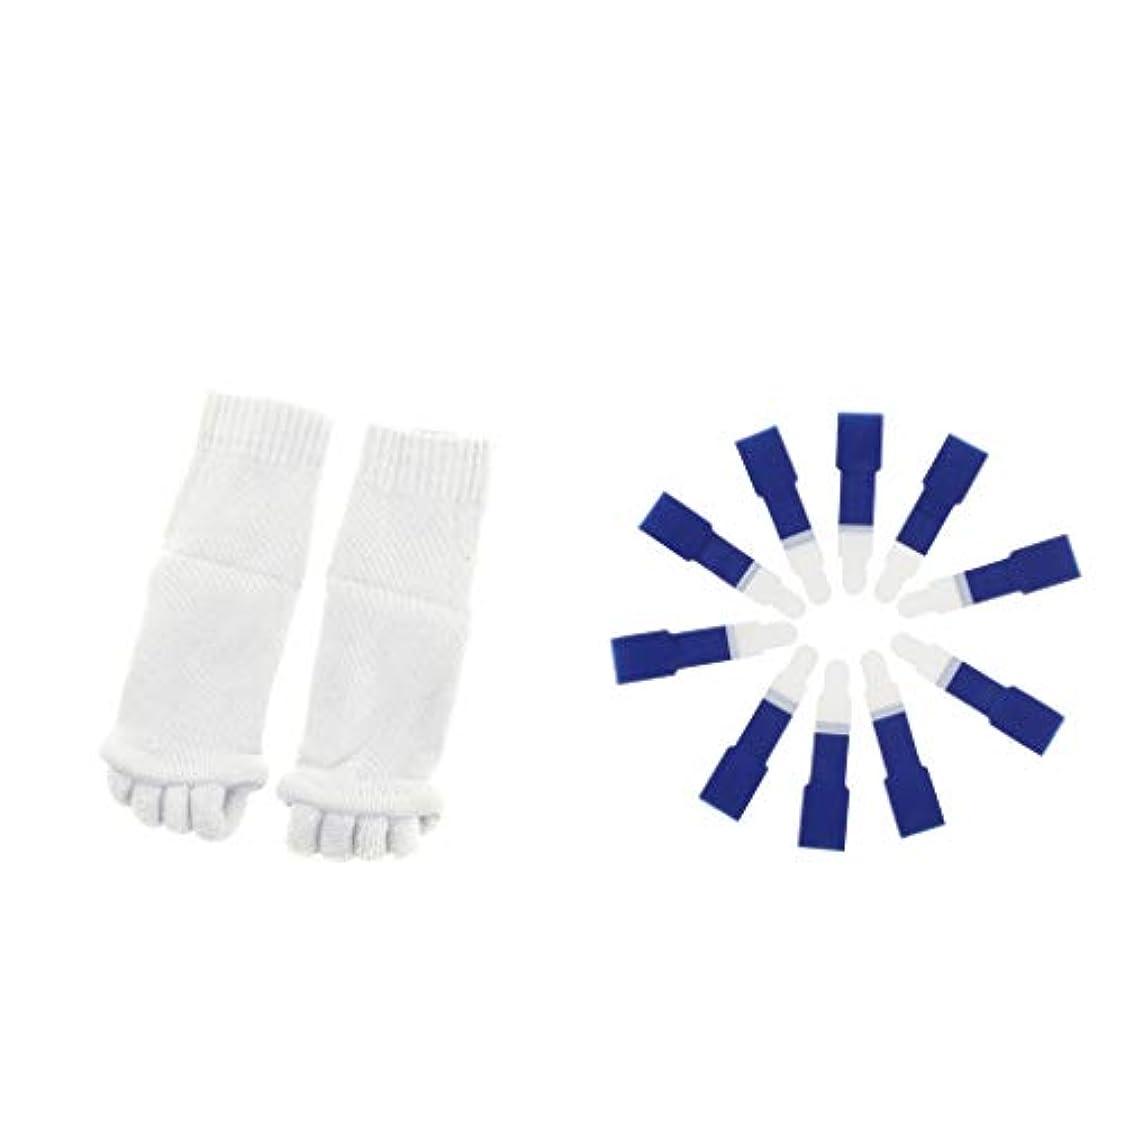 シャープ異形成長するdailymall ヨガジムスポーツソックスと洗えるハンマーつま先セパレータースプリント包帯